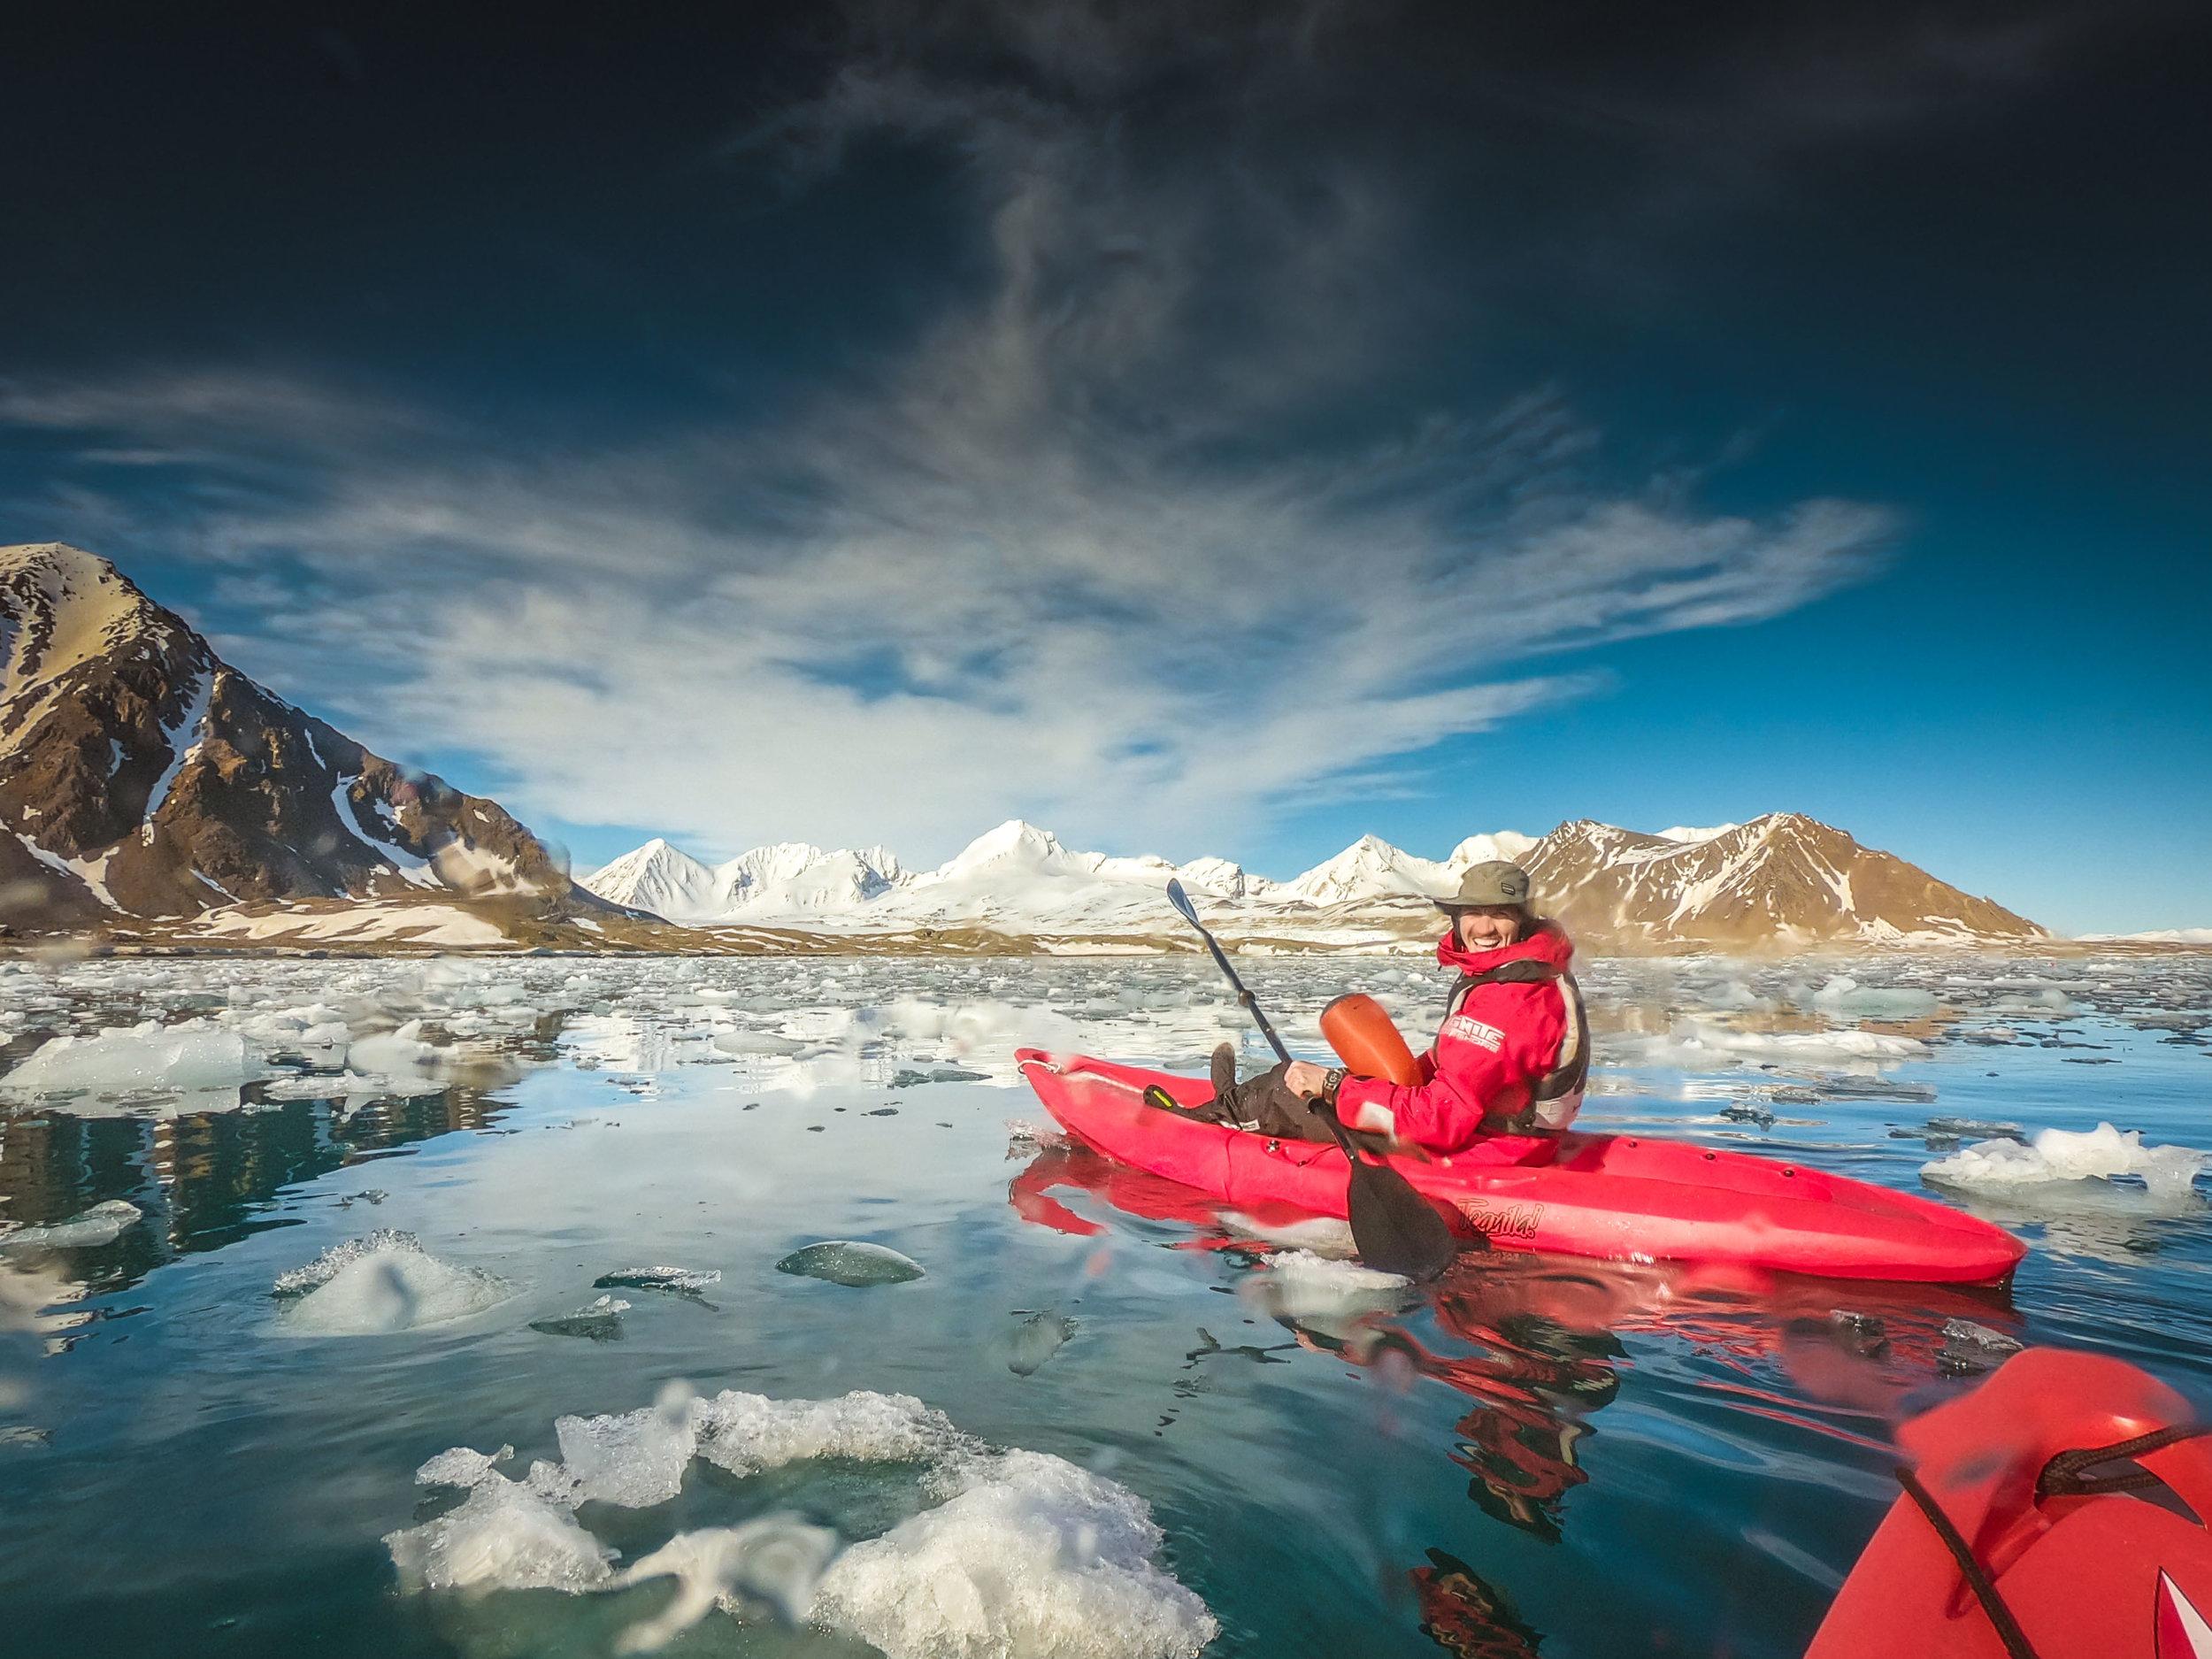 Kayaking amongst the icebergs in Svalbard